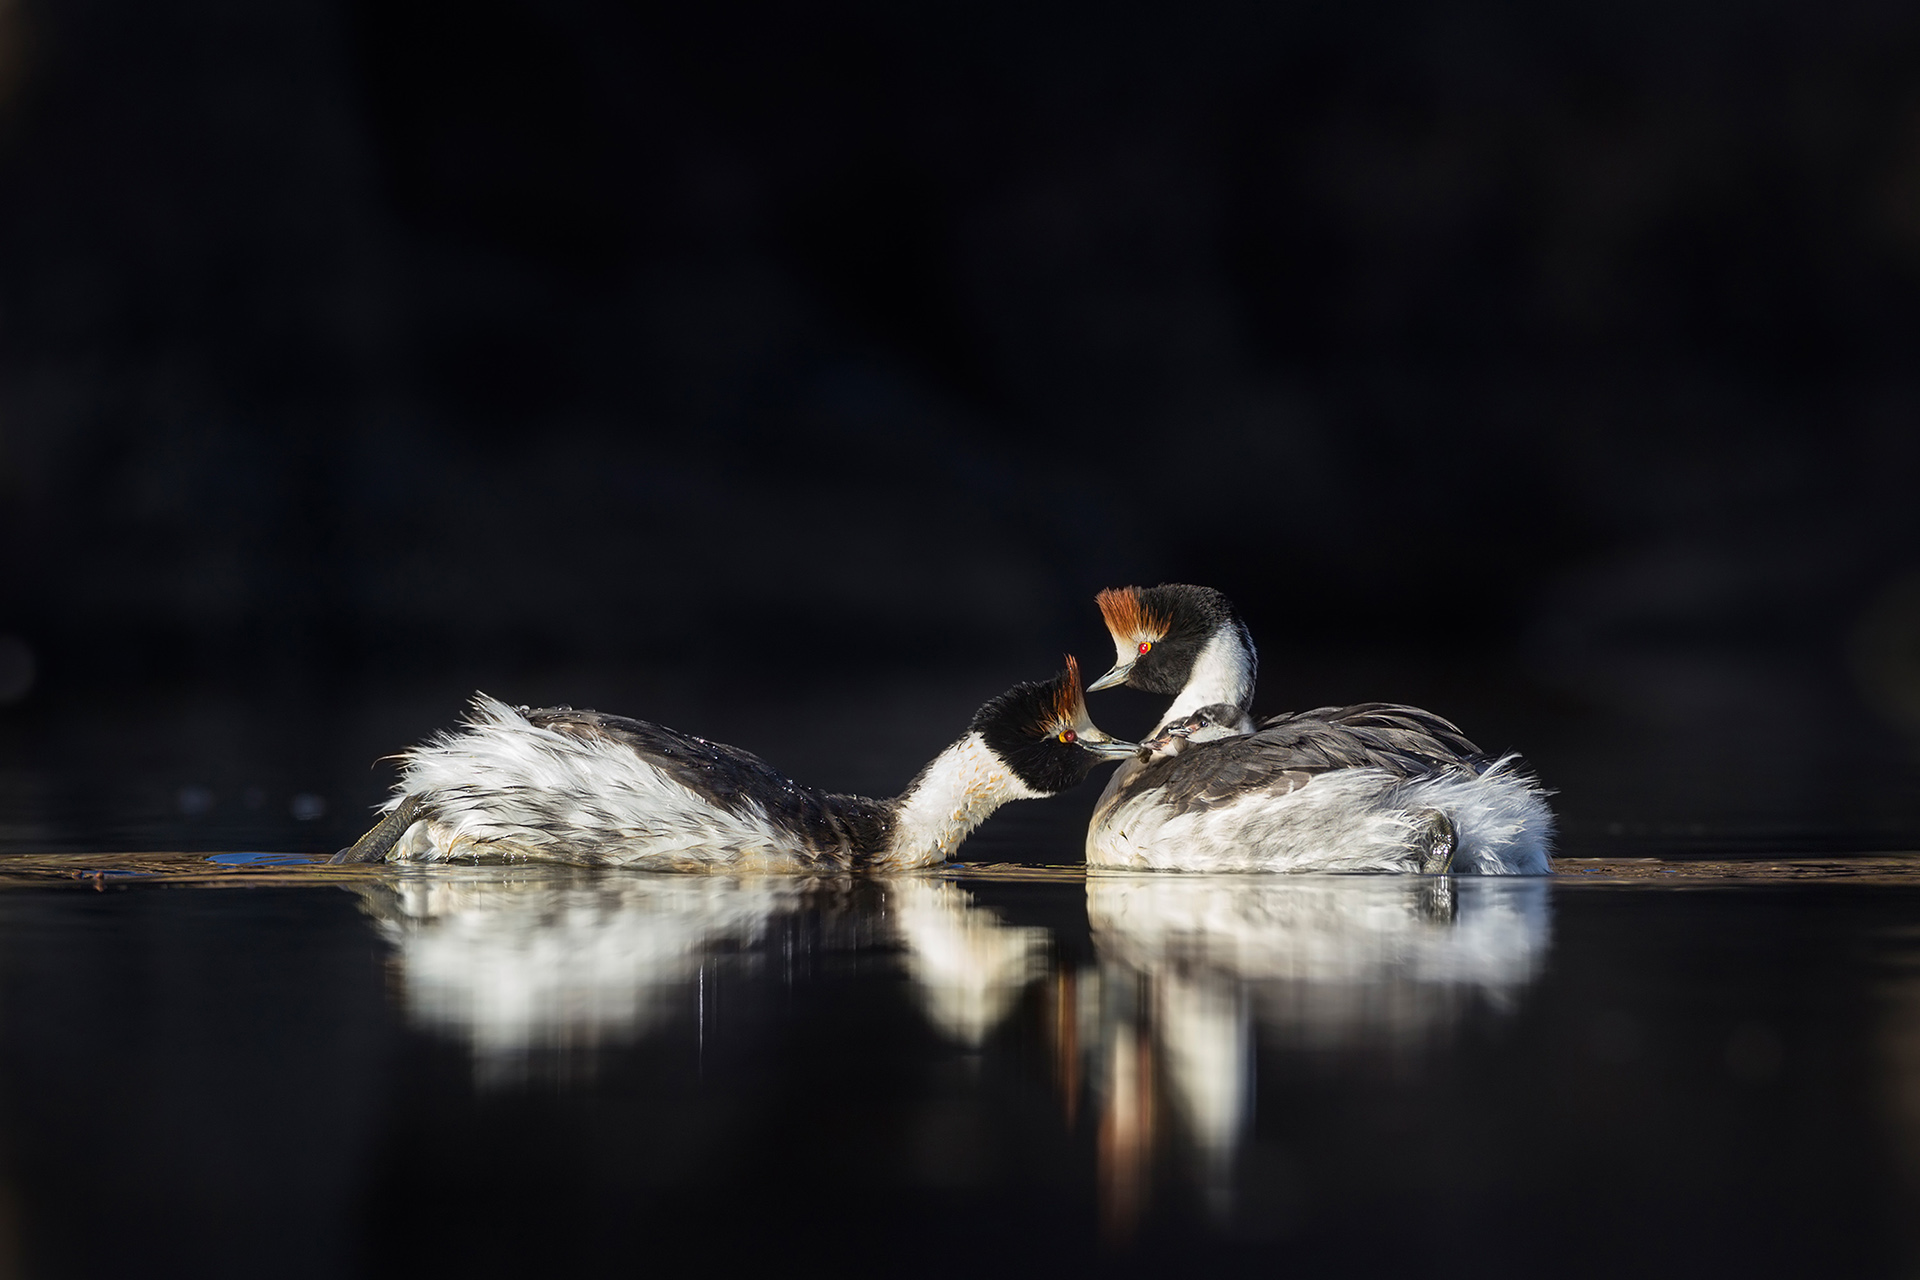 DARÍO PODESTÁ - Endangered - Darío Podestá - Portfolio Natural, Fotografía de Naturaleza de Autor